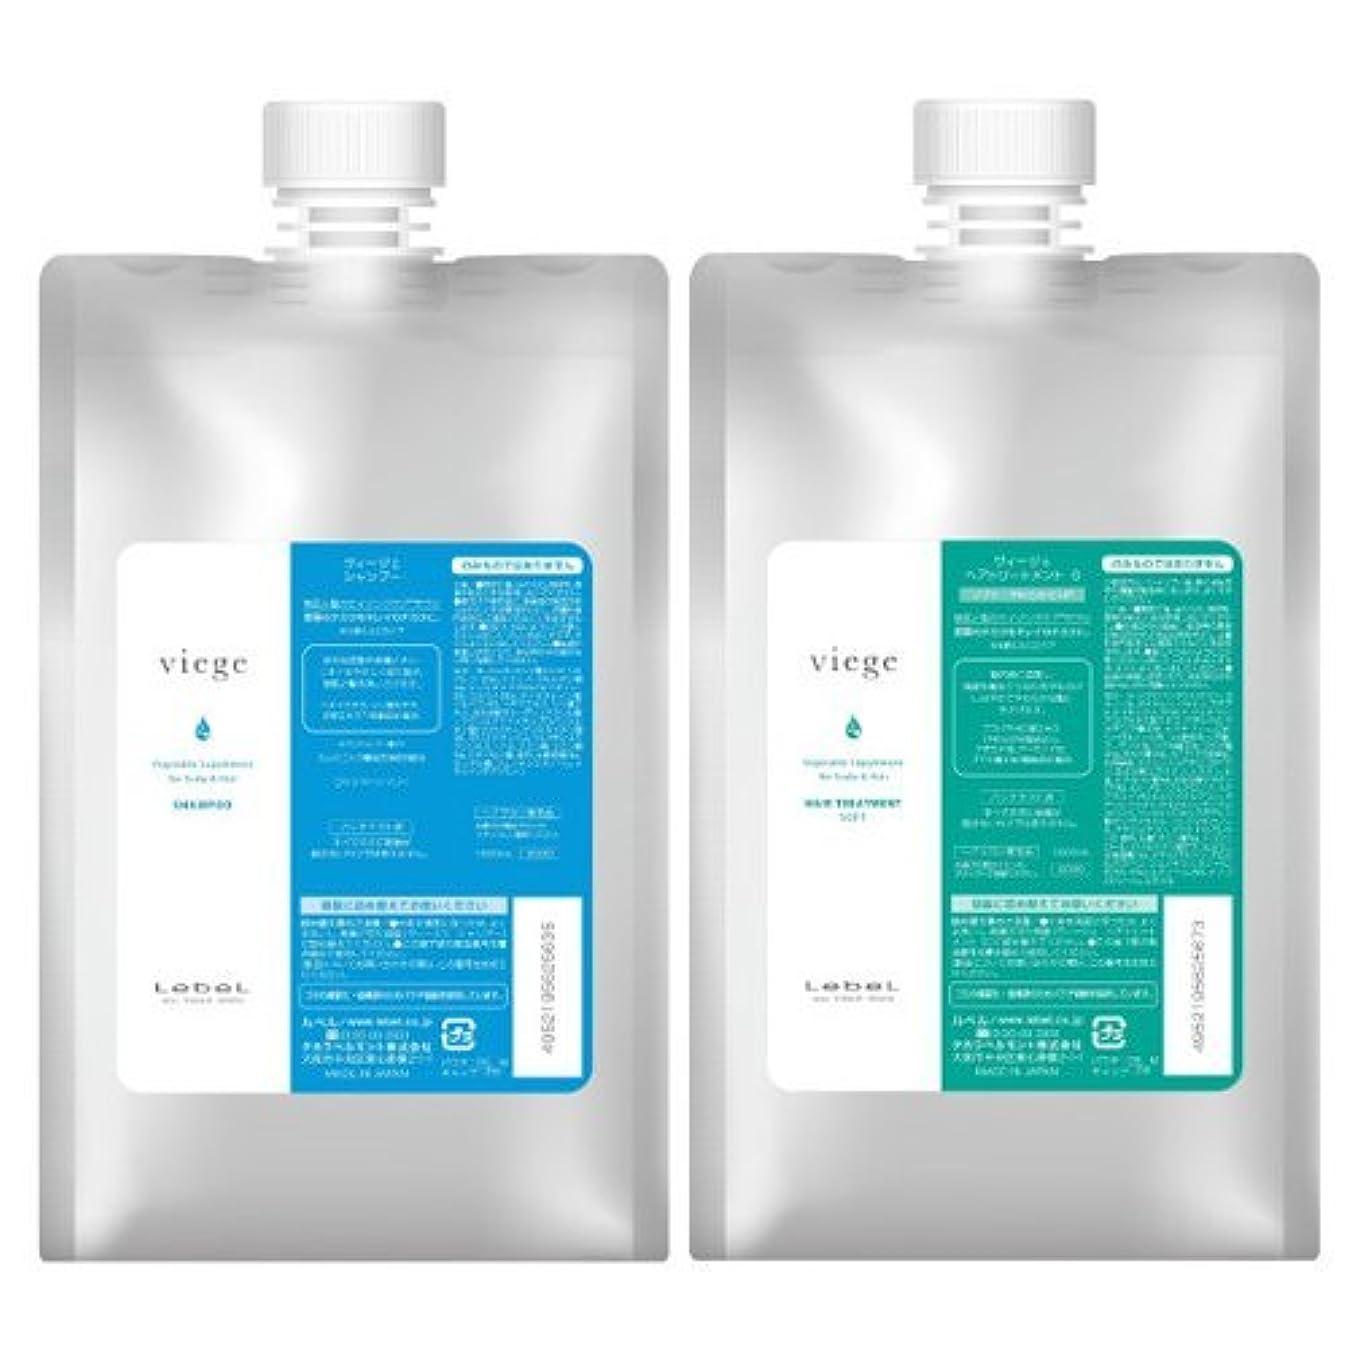 水を飲む誰も傾向があるルベル ヴィージェ シャンプー 1000ml + トリートメント S 1000ml 詰替用セット